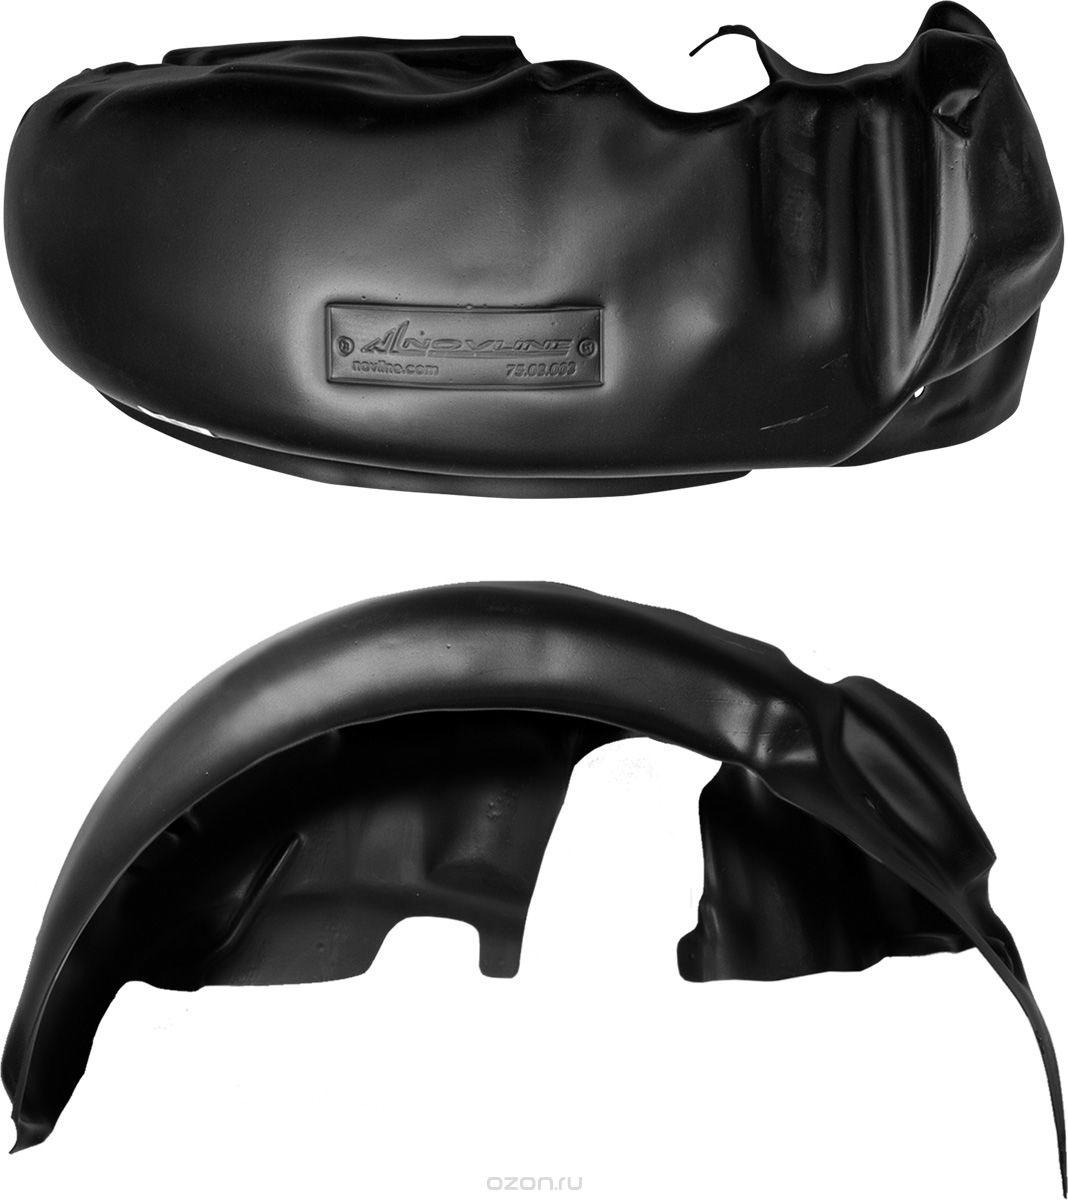 Подкрылок Novline-Autofamily, для Lifan Smily, 2014->, передний правыйNLL.73.07.002Идеальная защита колесной ниши. Локеры разработаны с применением цифровых технологий, гарантируют максимальную повторяемость поверхности арки. Изделия устанавливаются без нарушения лакокрасочного покрытия автомобиля, каждый подкрылок комплектуется крепежом. Уважаемые клиенты, обращаем ваше внимание, что фотографии на подкрылки универсальные и не отражают реальную форму изделия. При этом само изделие идет точно под размер указанного автомобиля.